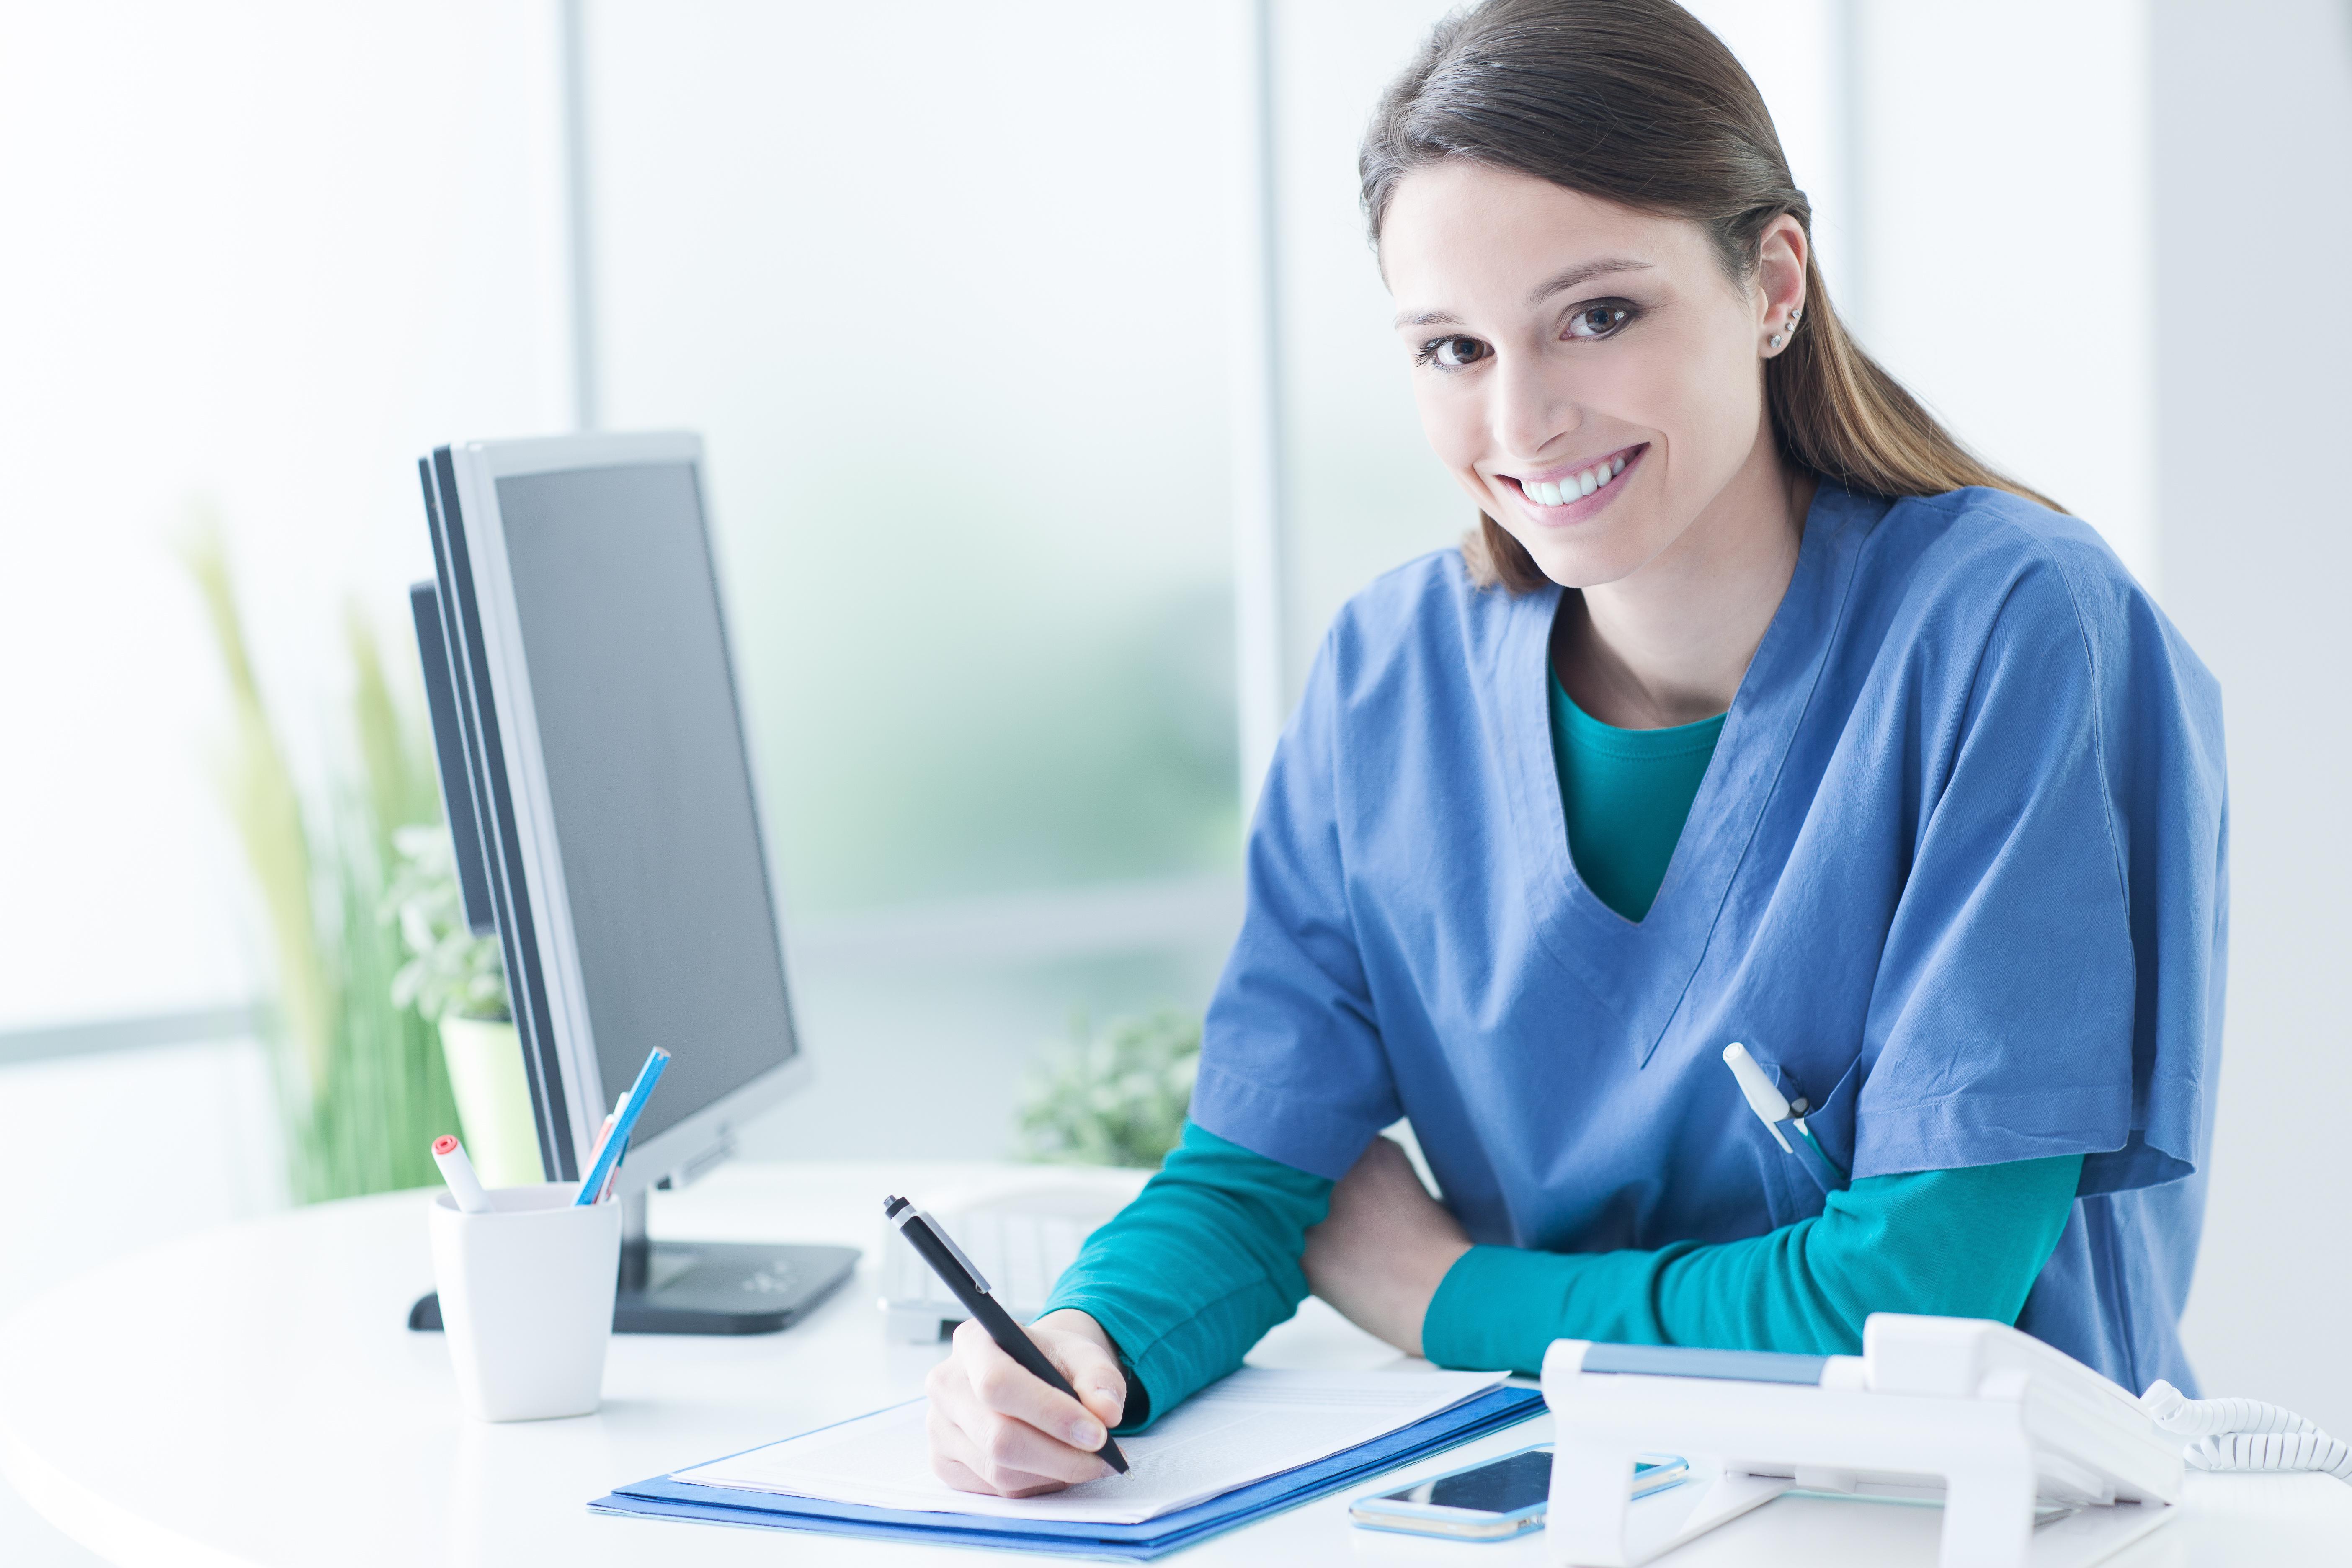 Dans les secteurs de la santé, les professions libérales, comme les infirmières libérales, ont un revenu en moyenne plus faible